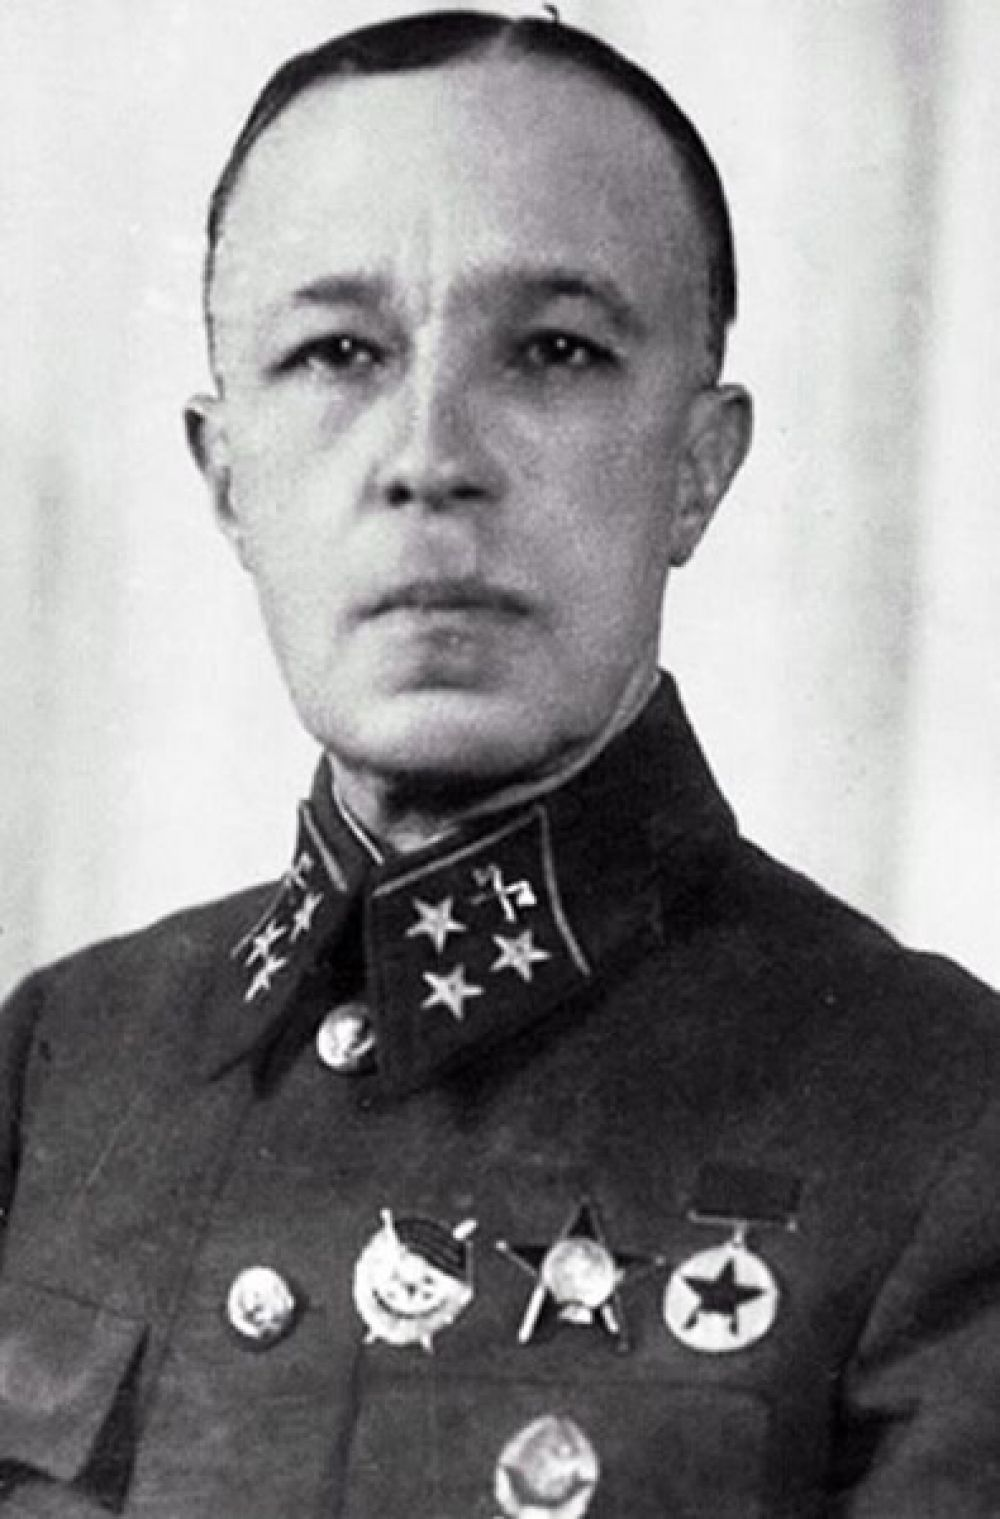 Омск — генерал-лейтенант инженерных войск Дмитрий Карбышев.